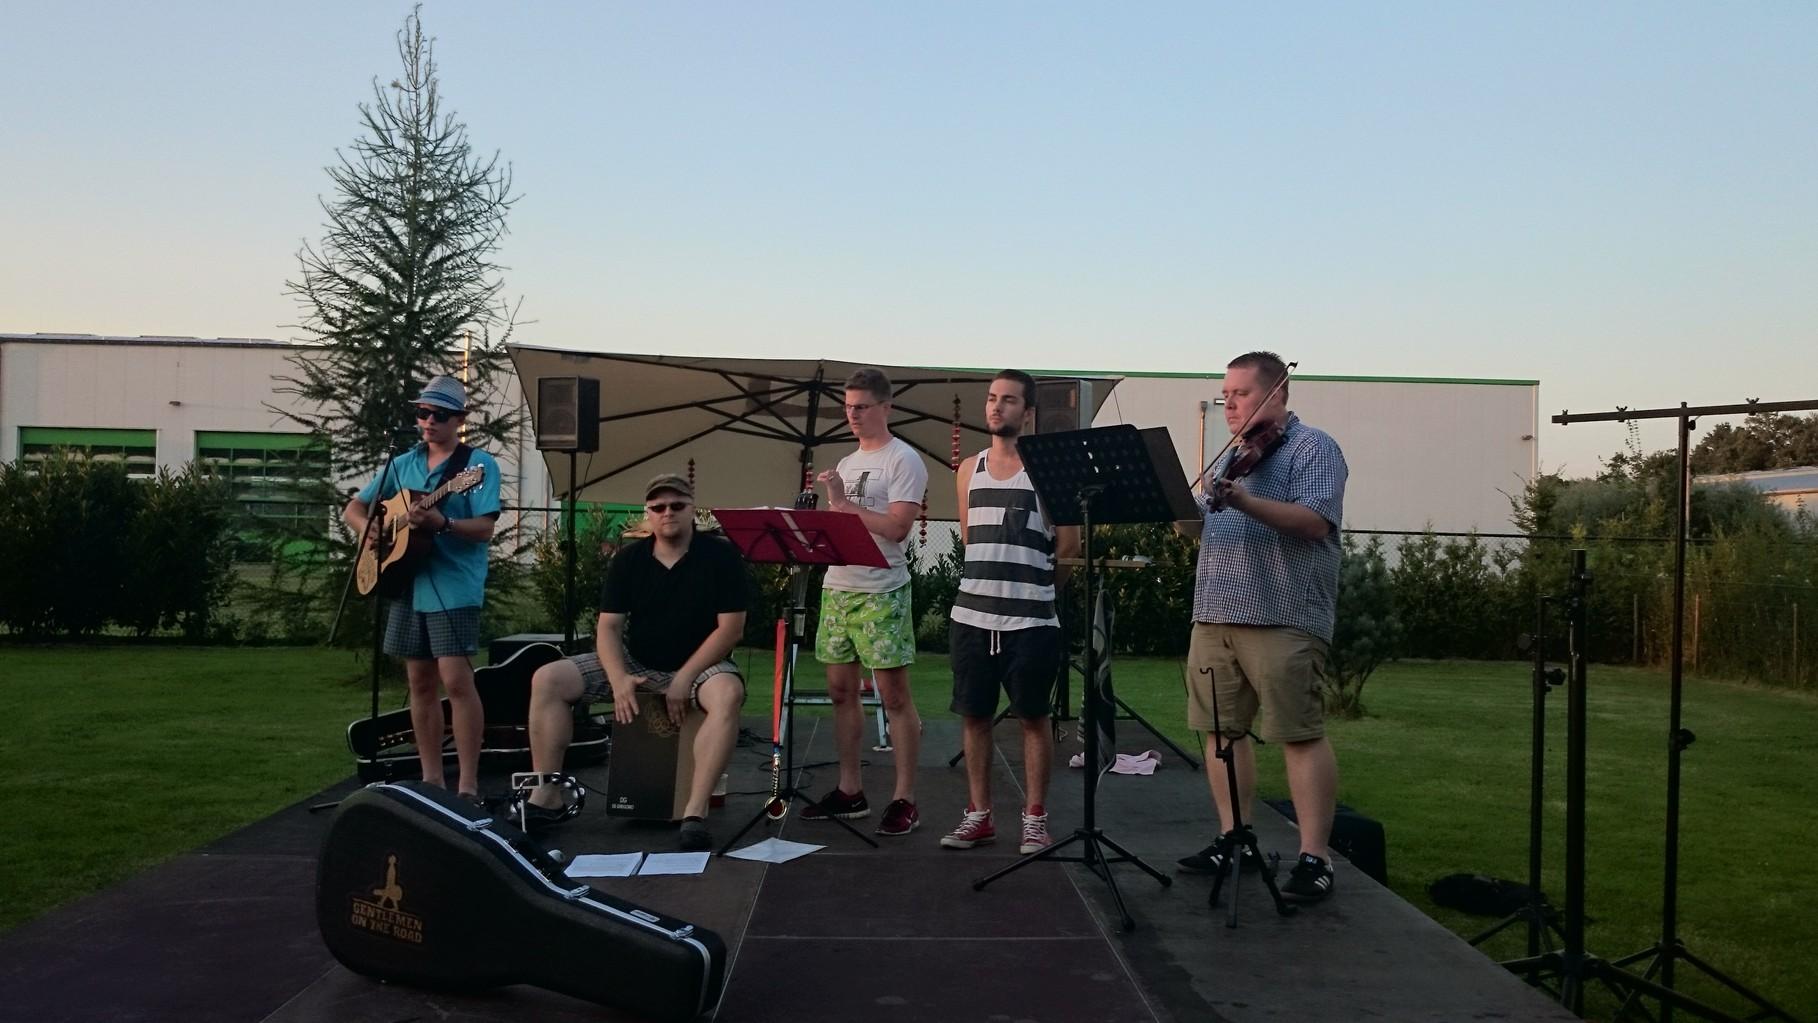 18.07.2014 - ein bischen auf Michaels Geburtstagsparty musizieren